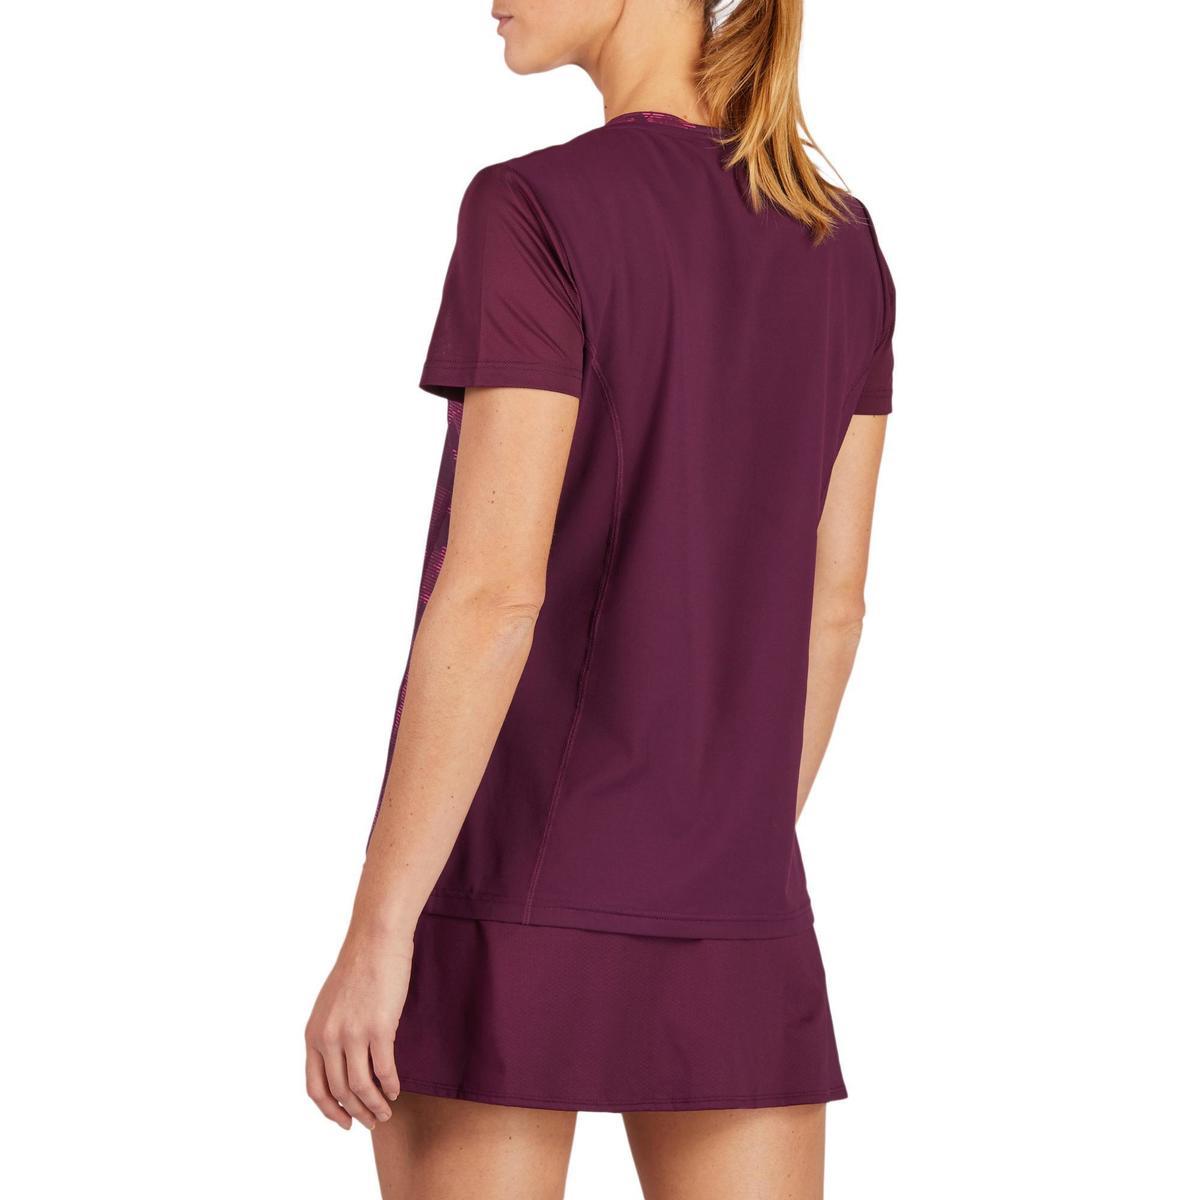 Bild 3 von T-Shirt Soft 500 Tennisshirt Damen bordeaux